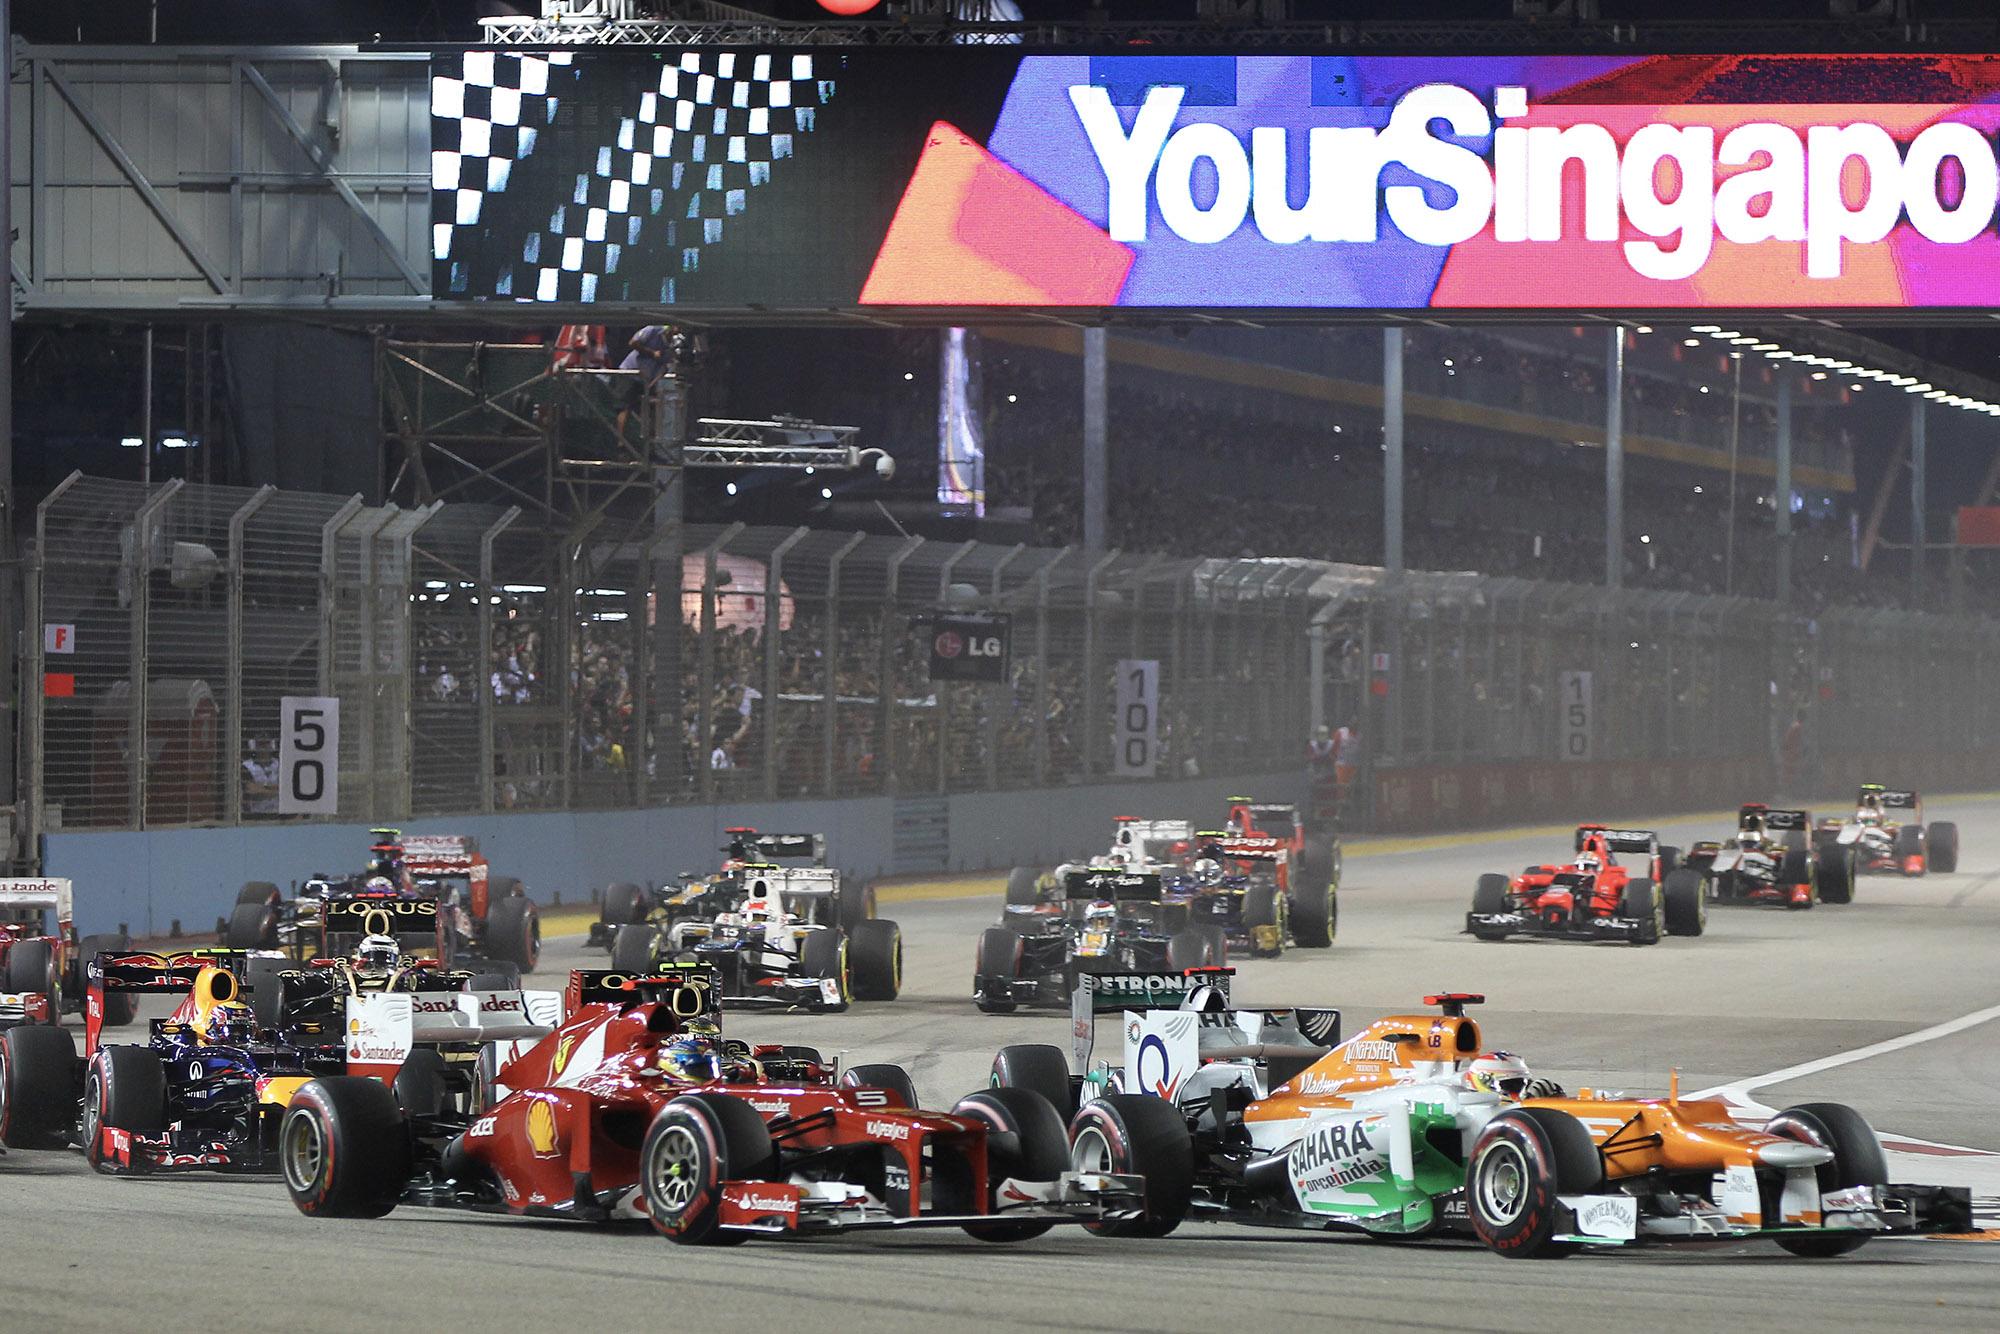 Paul Di Resta leads Fernando Alonso in the 2012 F1 Singapore Grand Prix